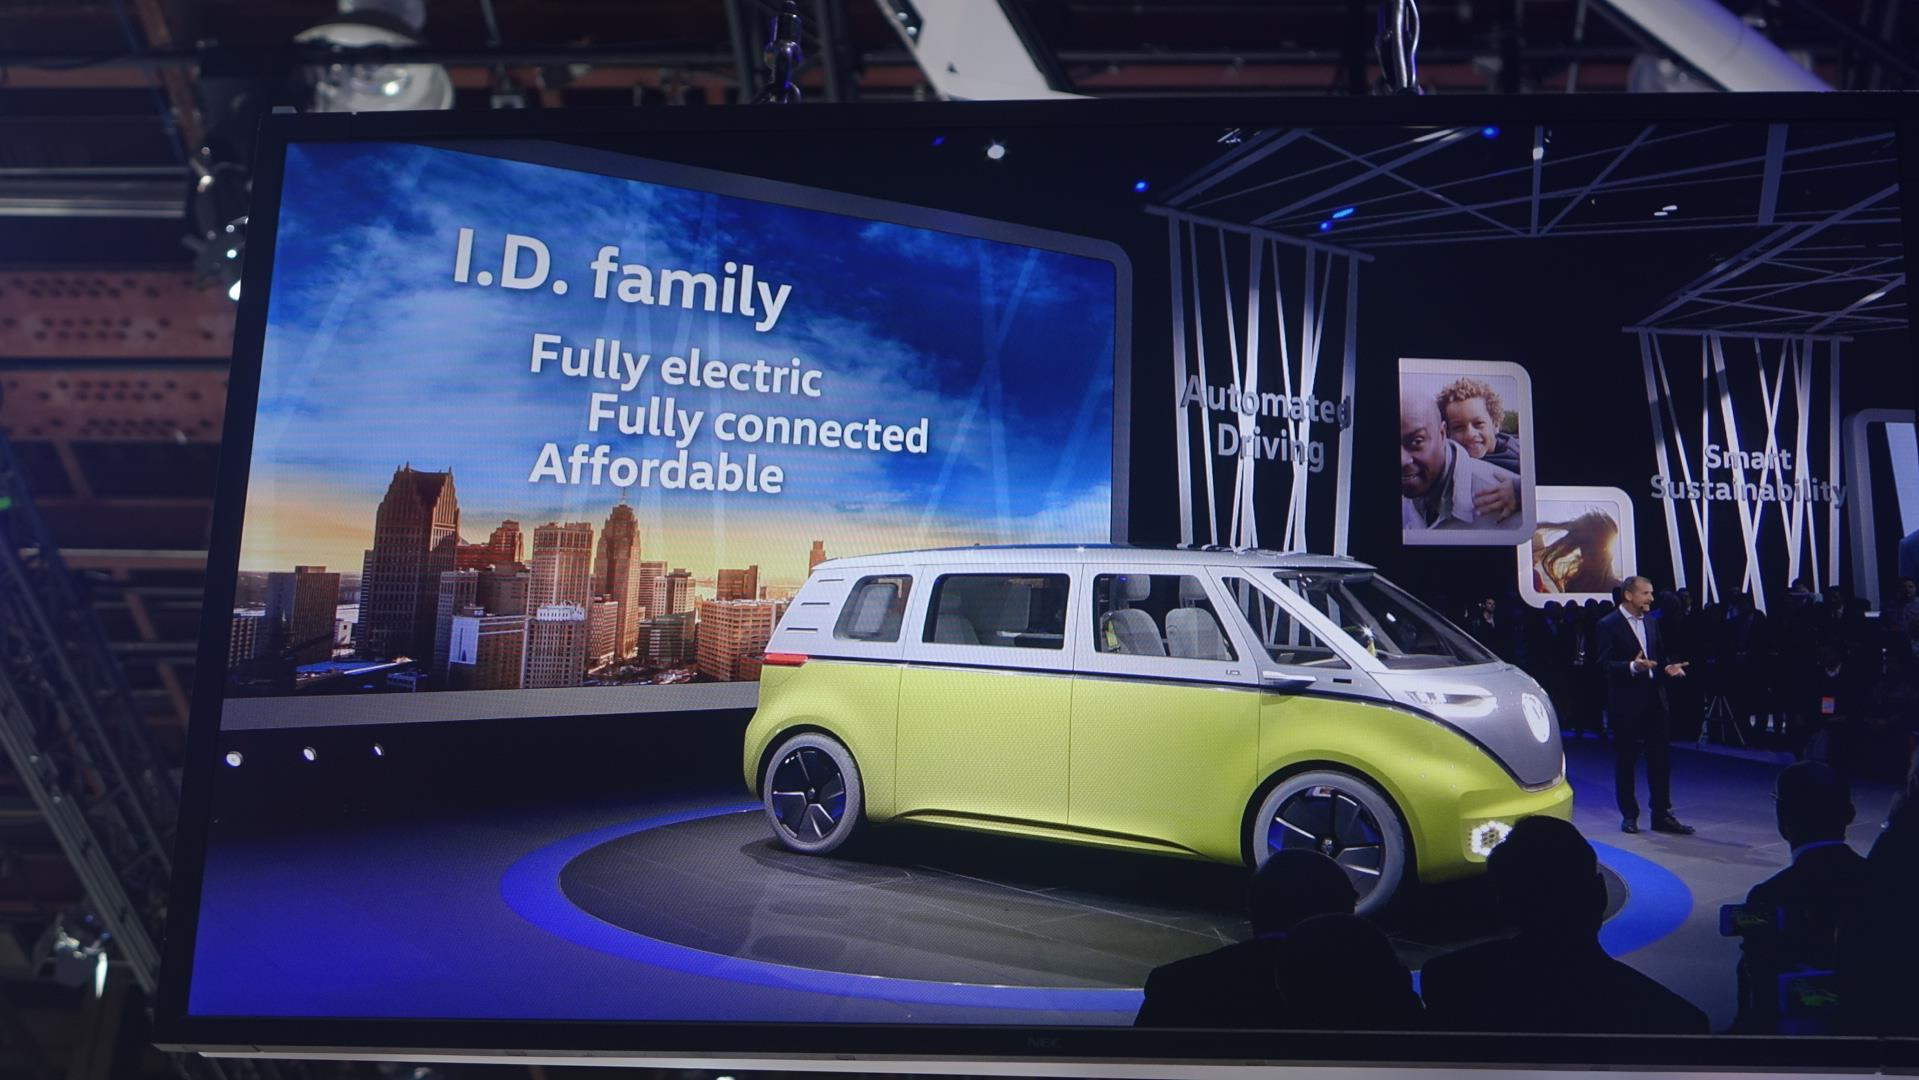 Un véhicule jaune est sur une scène devant un écran qui affiche en anglais : la famille I.D., entièrement électrique, totalement connecté, et abordable.